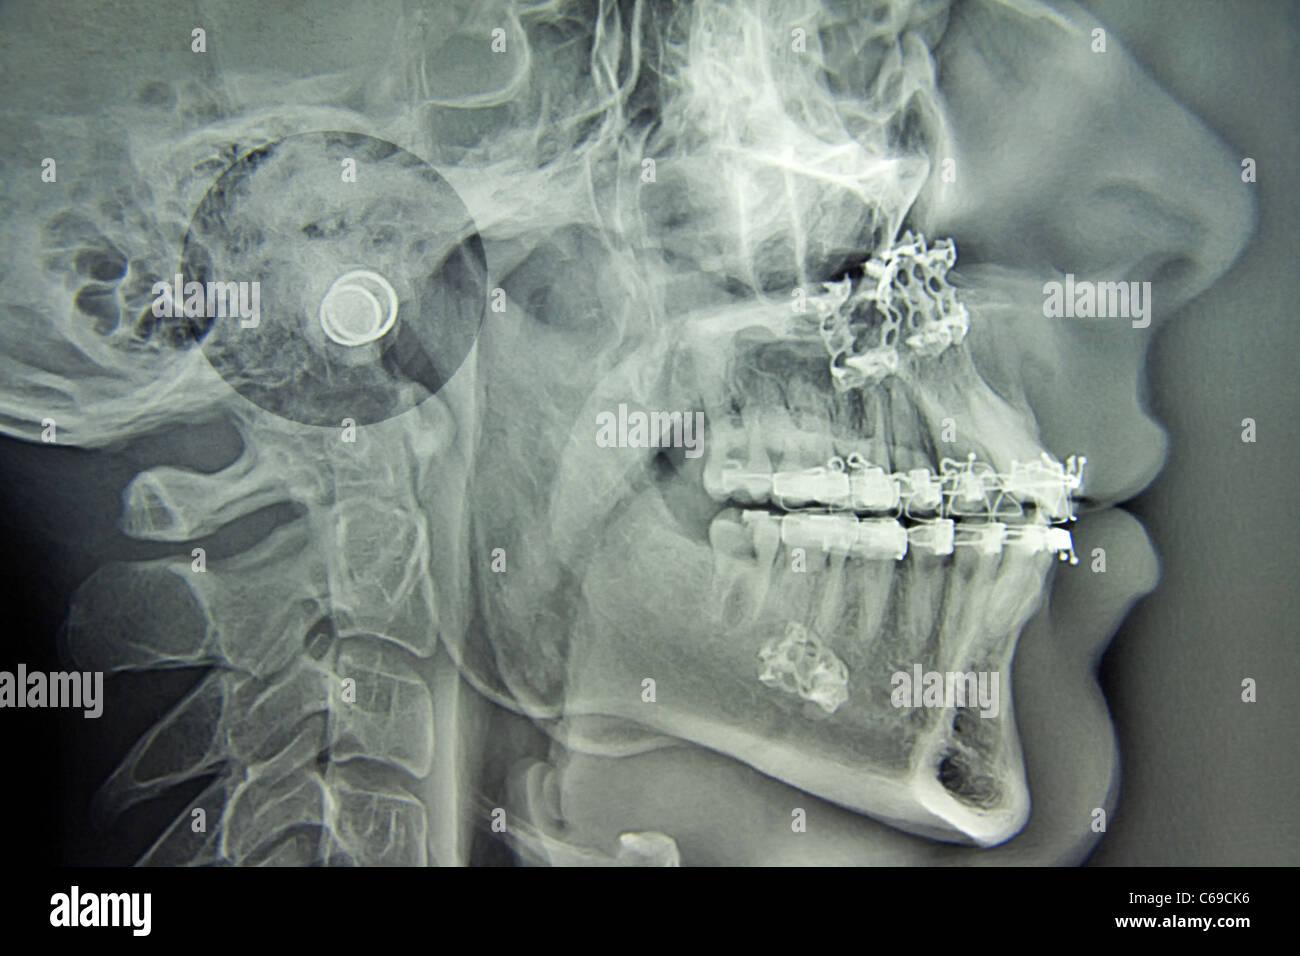 La chirurgie maxillo-faciale Photo Stock